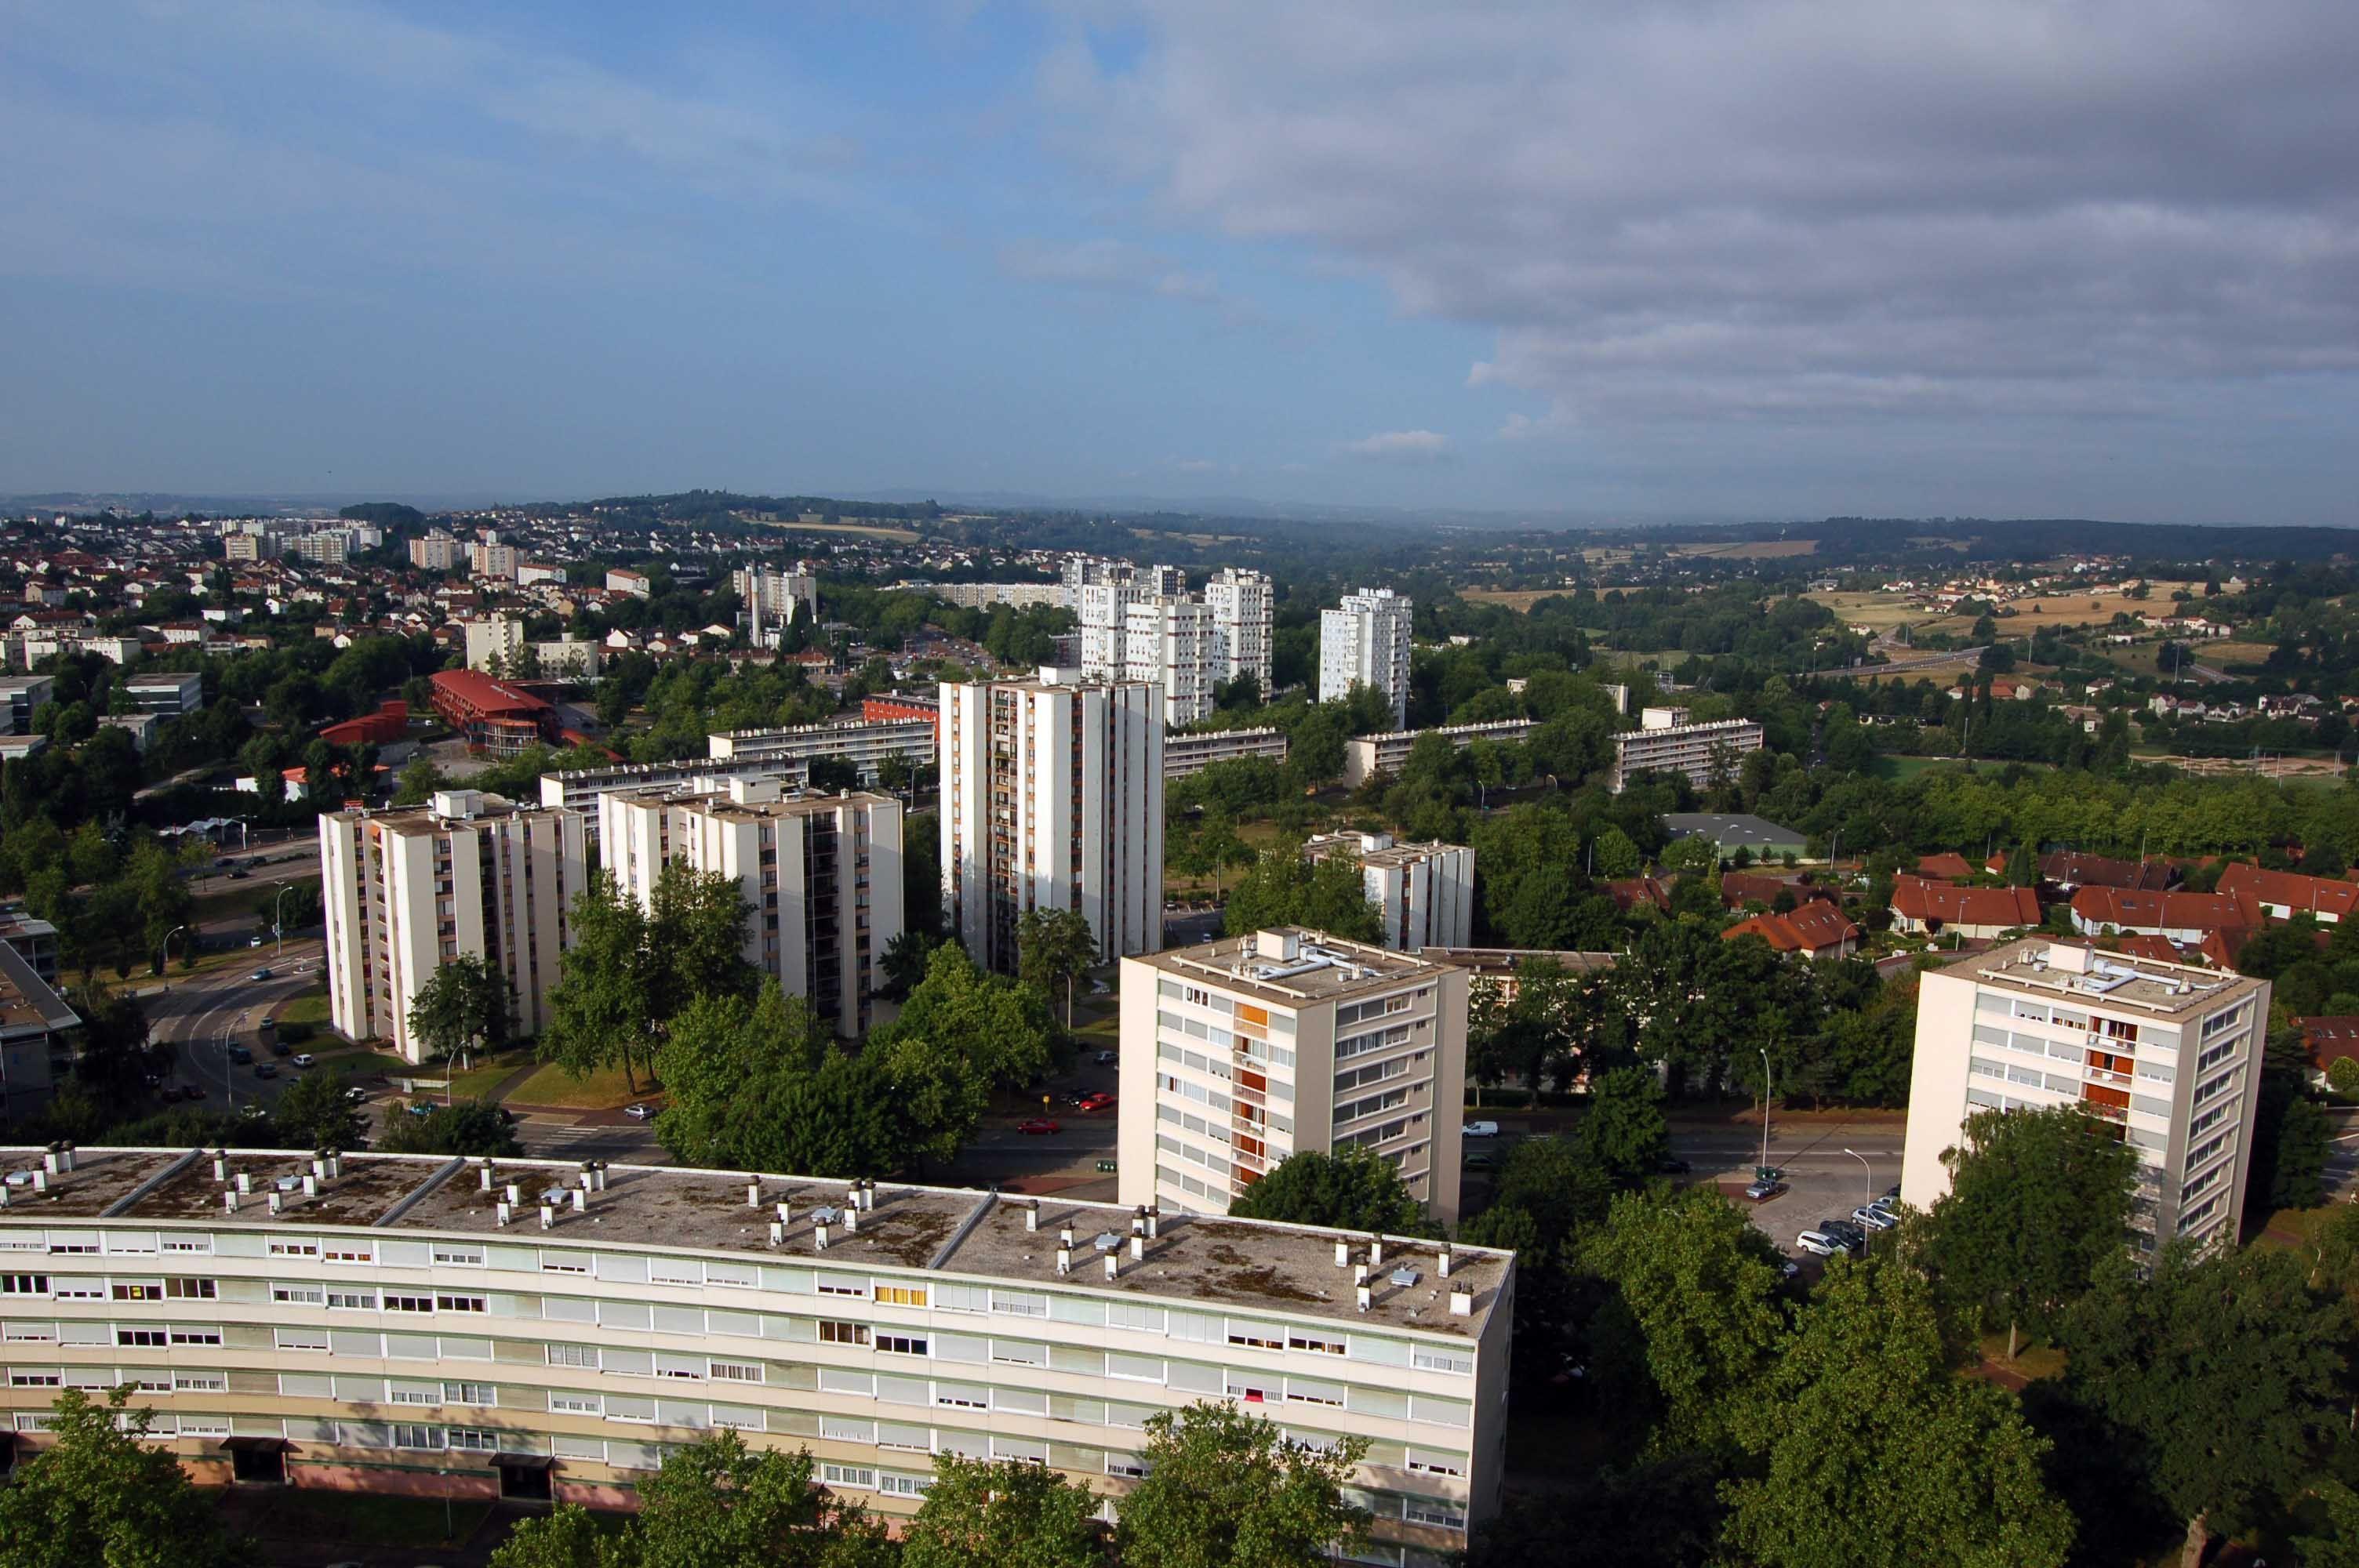 Zone à Urbaniser en Priorité (ZUP) - Landouge est un quartier de Limoges (87 - Haute-Vienne) situé à l'écart du centre-ville, à l'ouest.